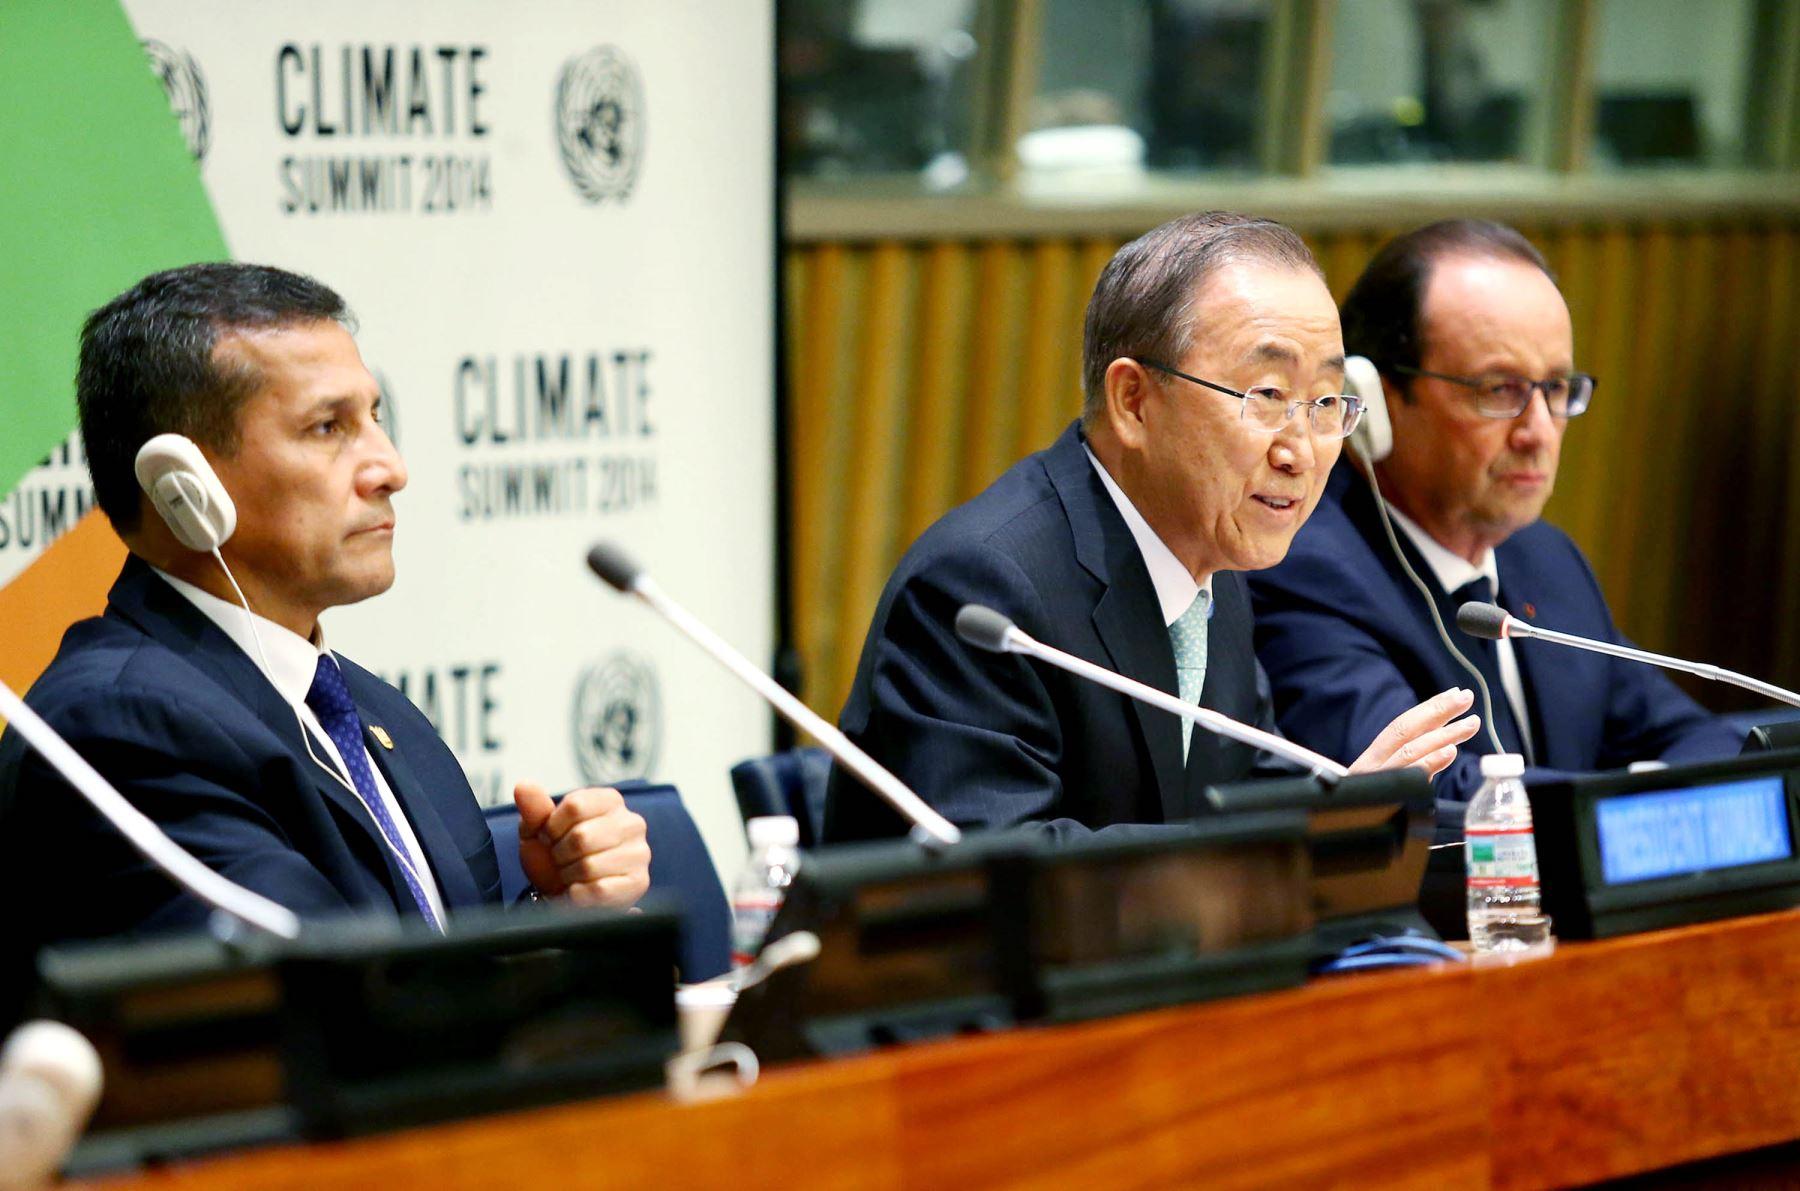 NUEVA YORK EE UU, SETIEMBRE 23. Declaración de prensa de los presidentes Ollanta Humala y François Hollande, junto con el Secretario General de Naciones Unidas, Ban Ki Moon: ANDINA/Prensa Presidencia